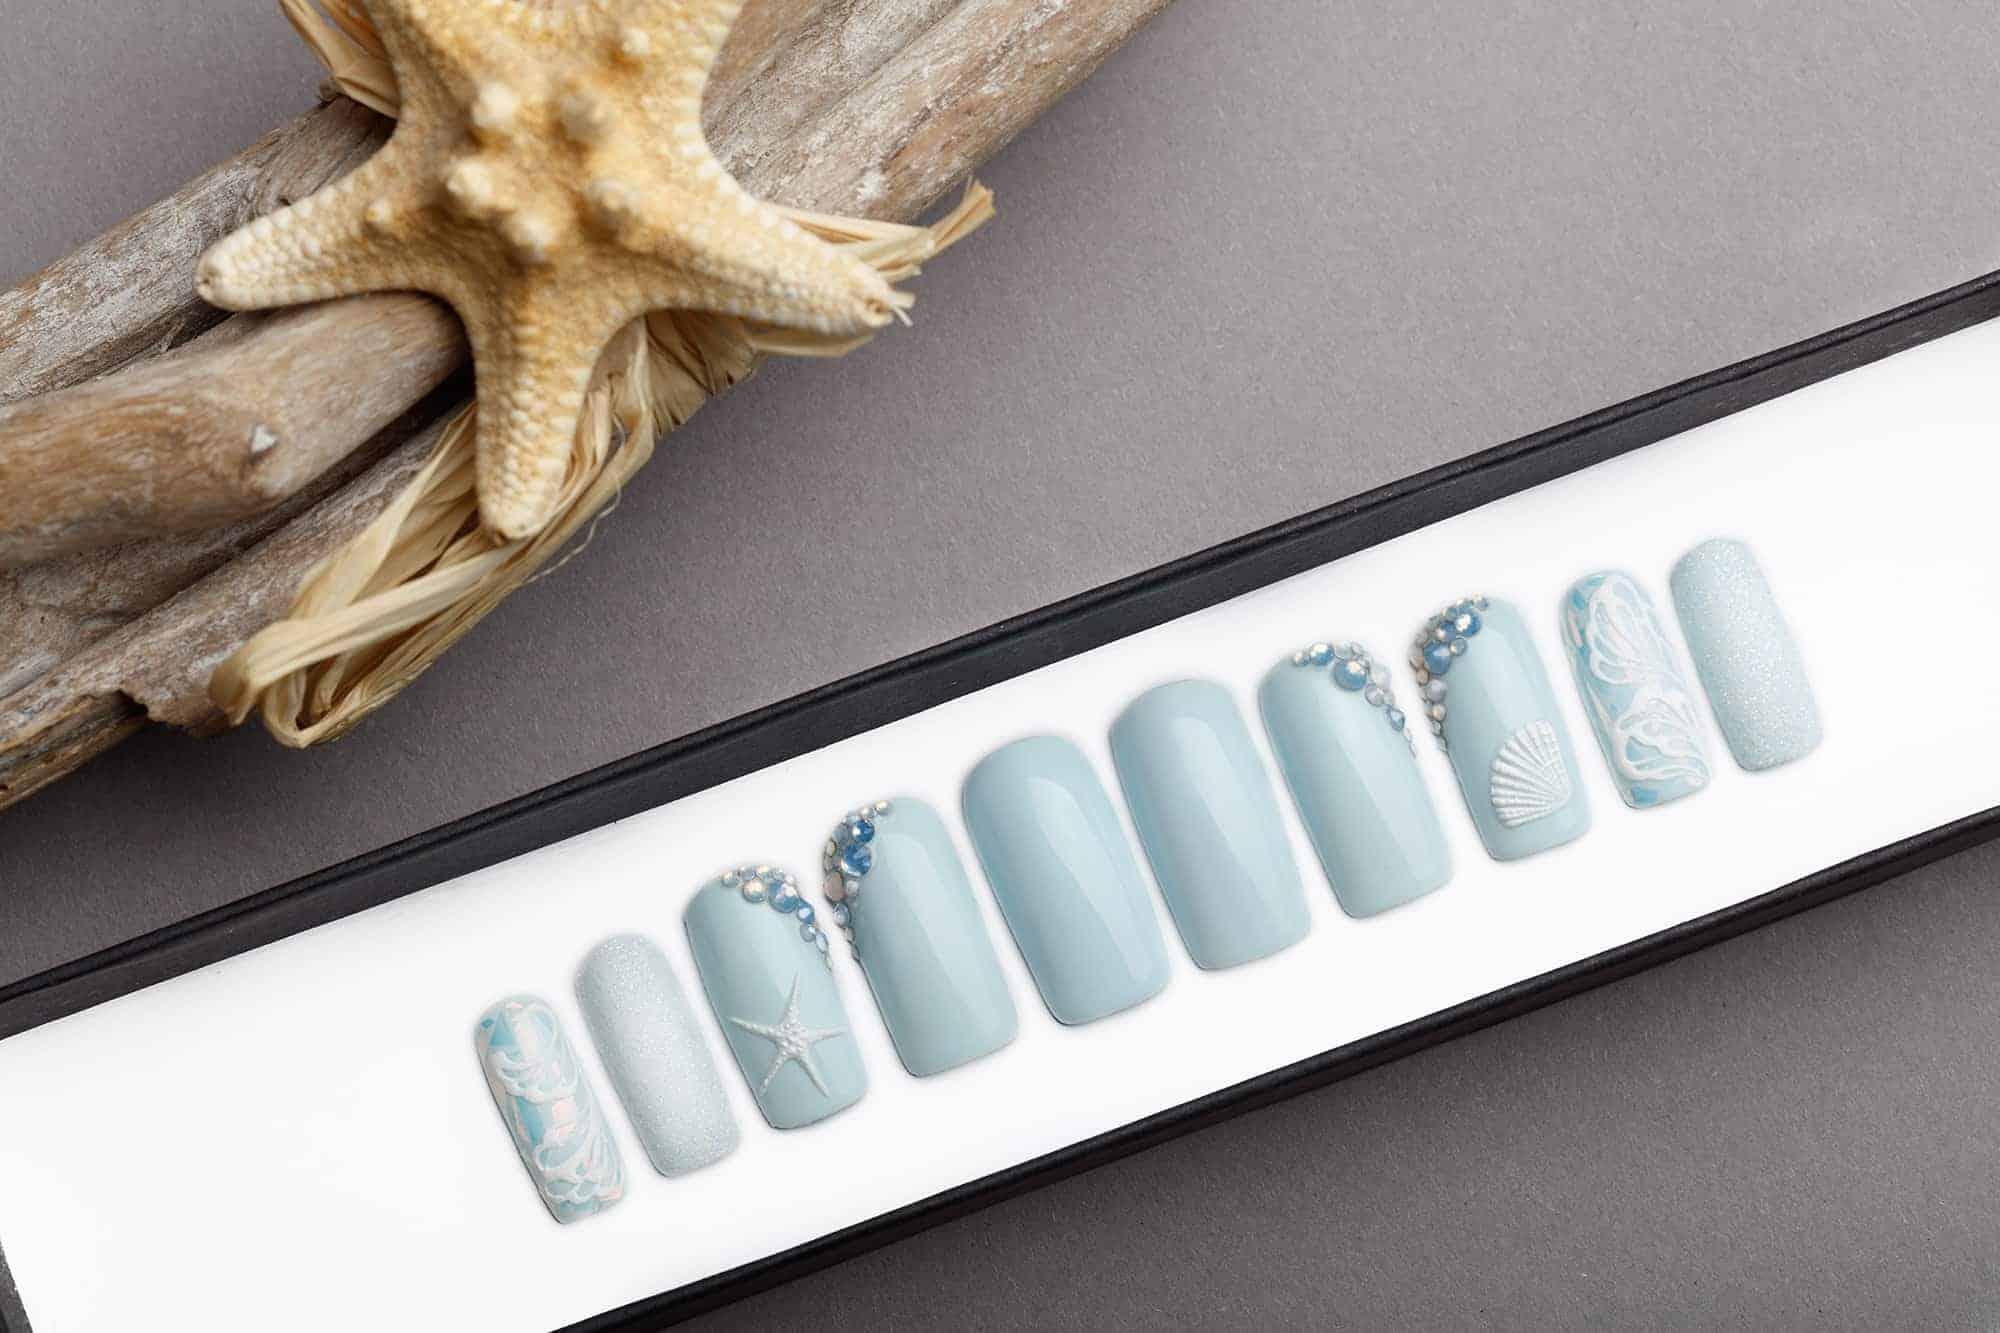 Marine Nails with Swarovski Opal Crystals   Press On Nails   Hand painted nail art   Fake Nails   False Nails